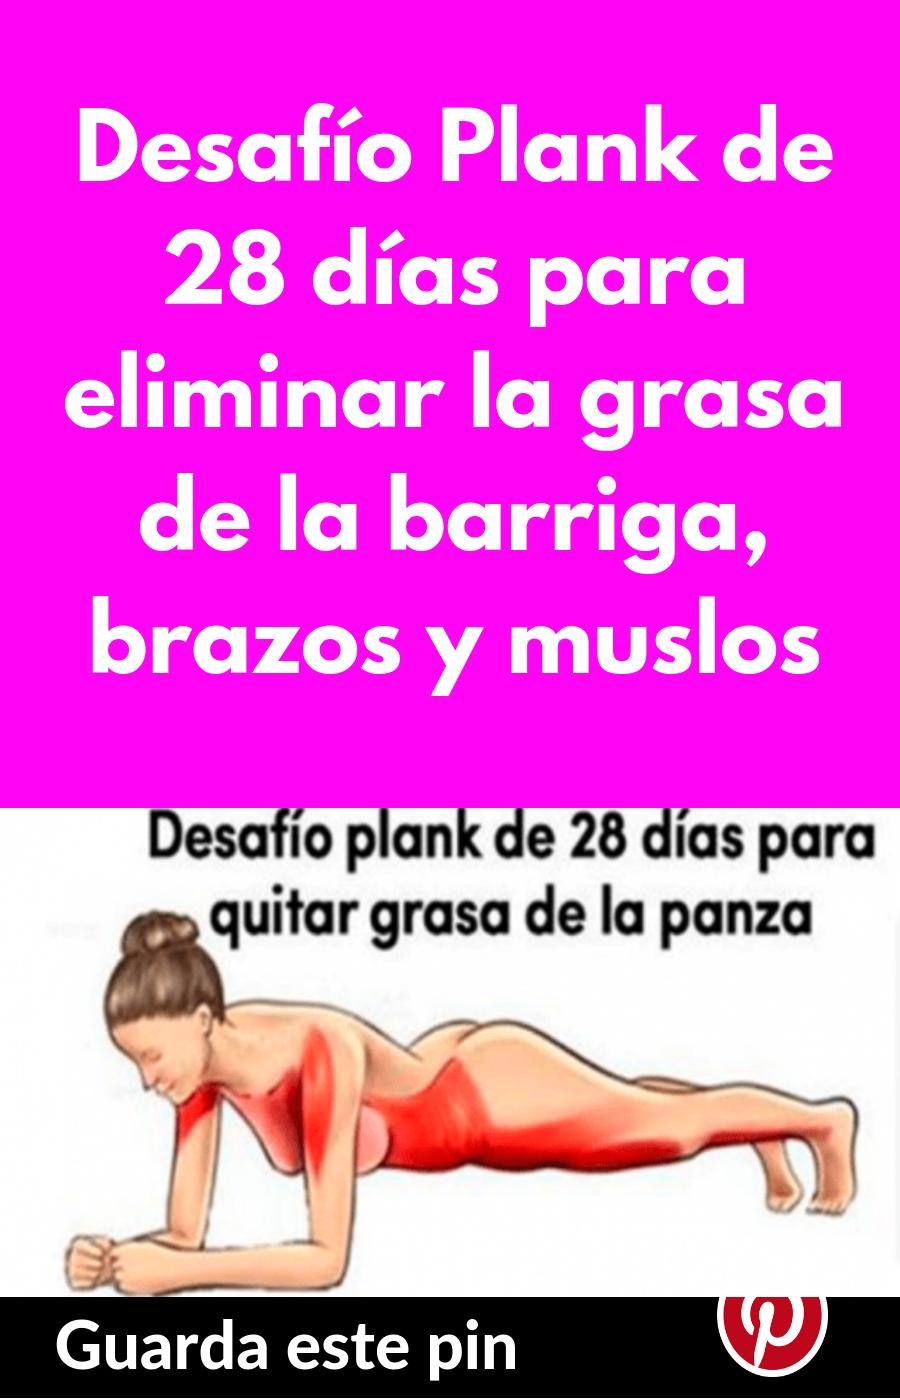 Desafío Plank De 28 Días Para Eliminar La Grasa De La Barriga Brazos Y Muslos Grasa Plank Barriga Health Body Abdominal